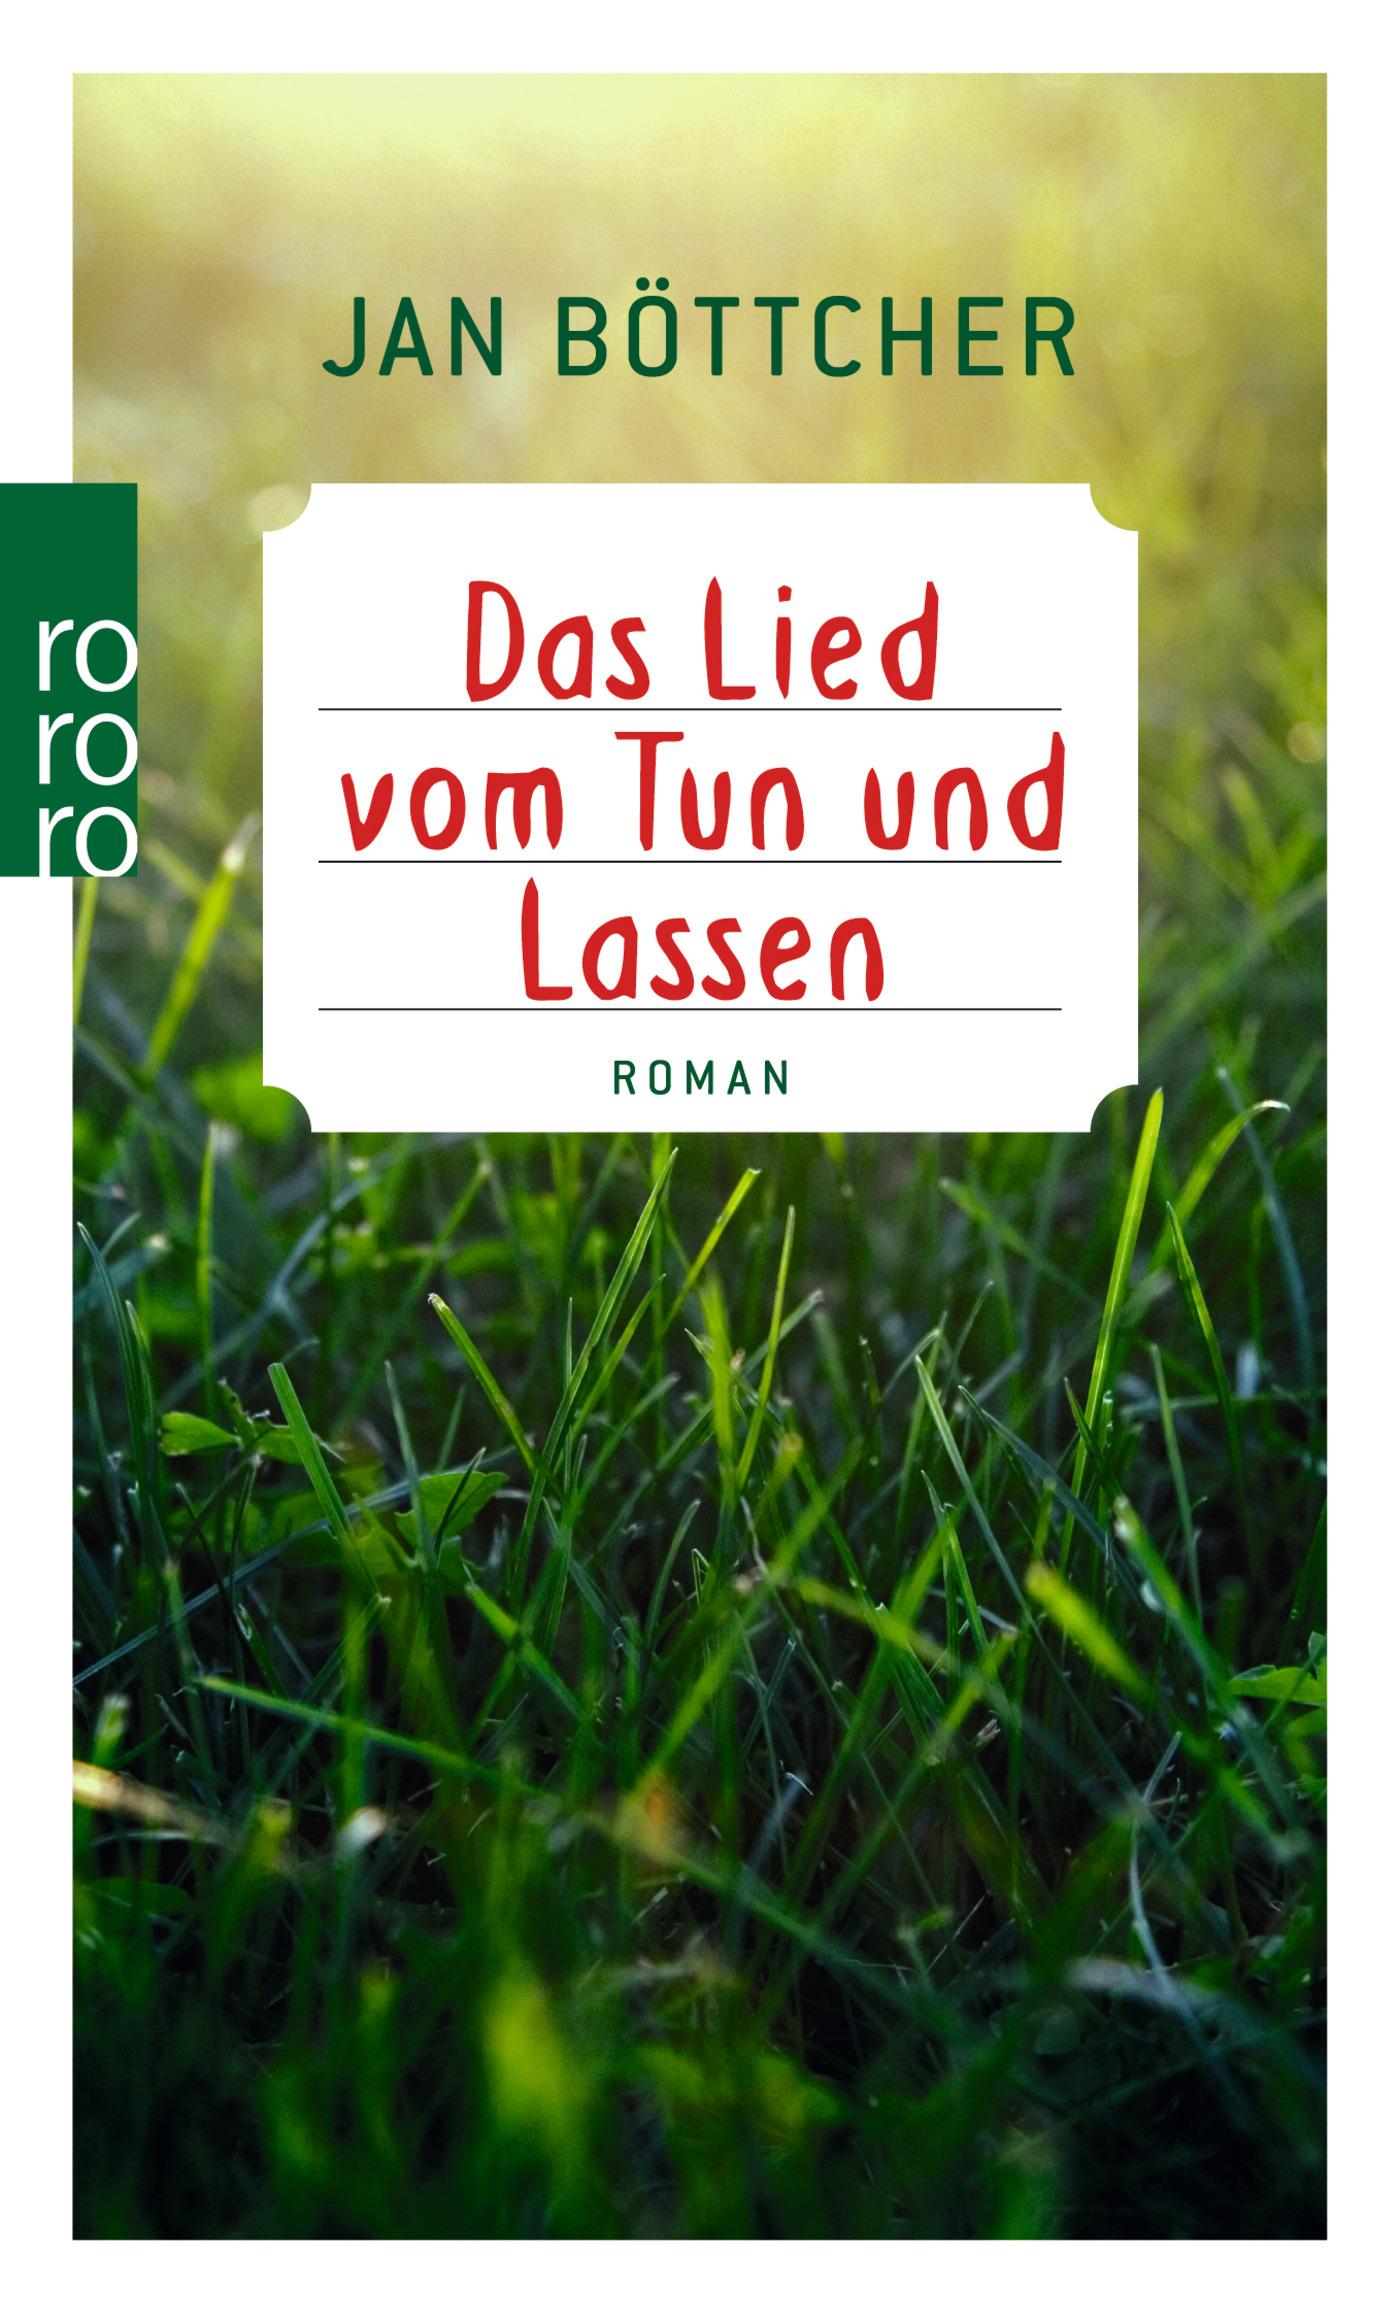 Das-Lied-vom-Tun-und-Lassen-Jan-Boettcher